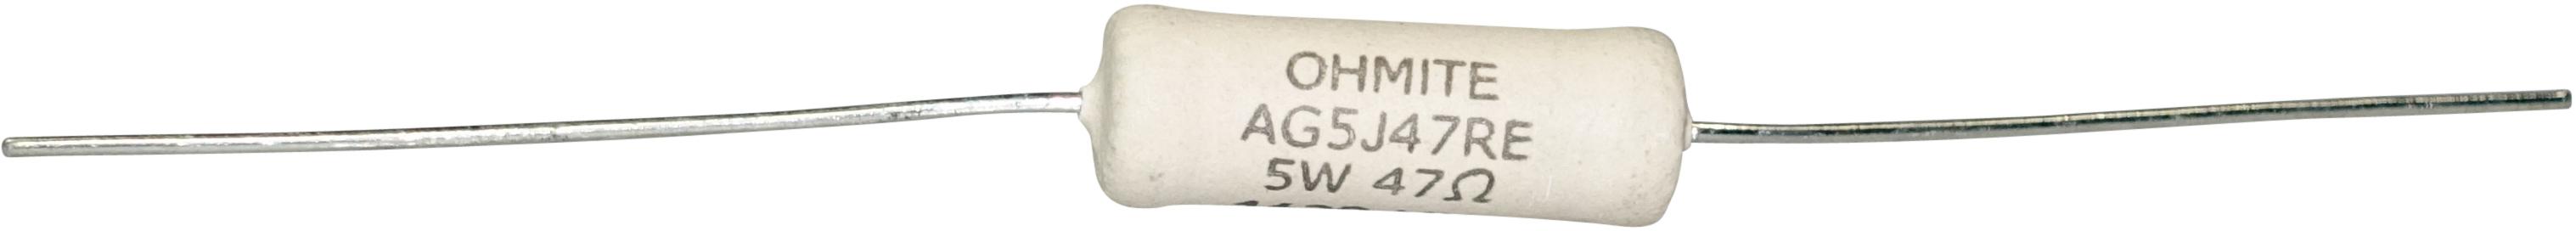 Ohmite Audio Gold 5W - 68 Ohm